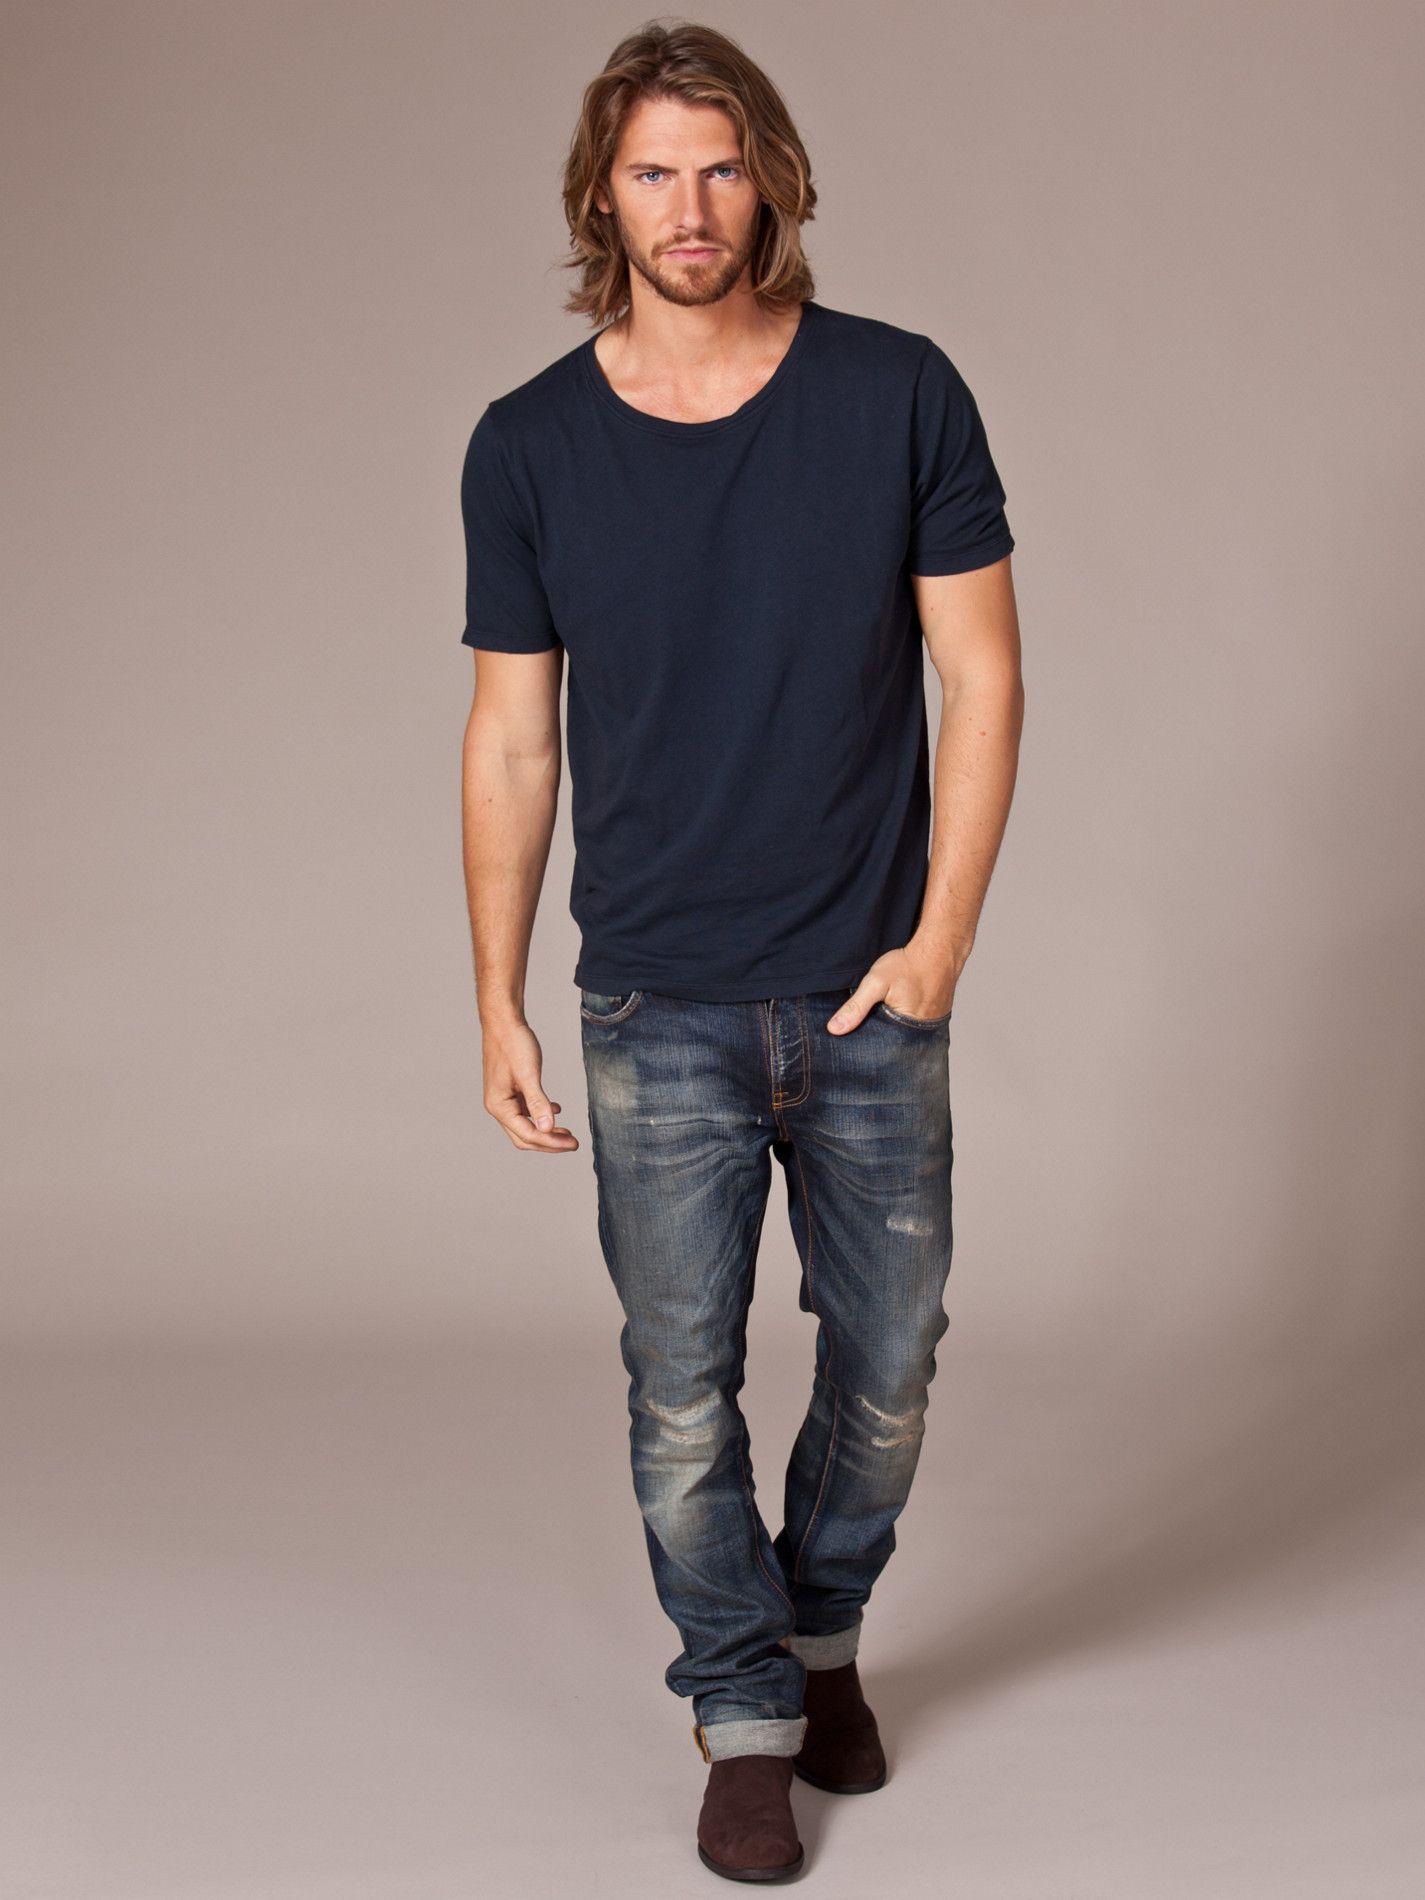 Celebrity Men Wear Women's Jeans | The Jeans Blog